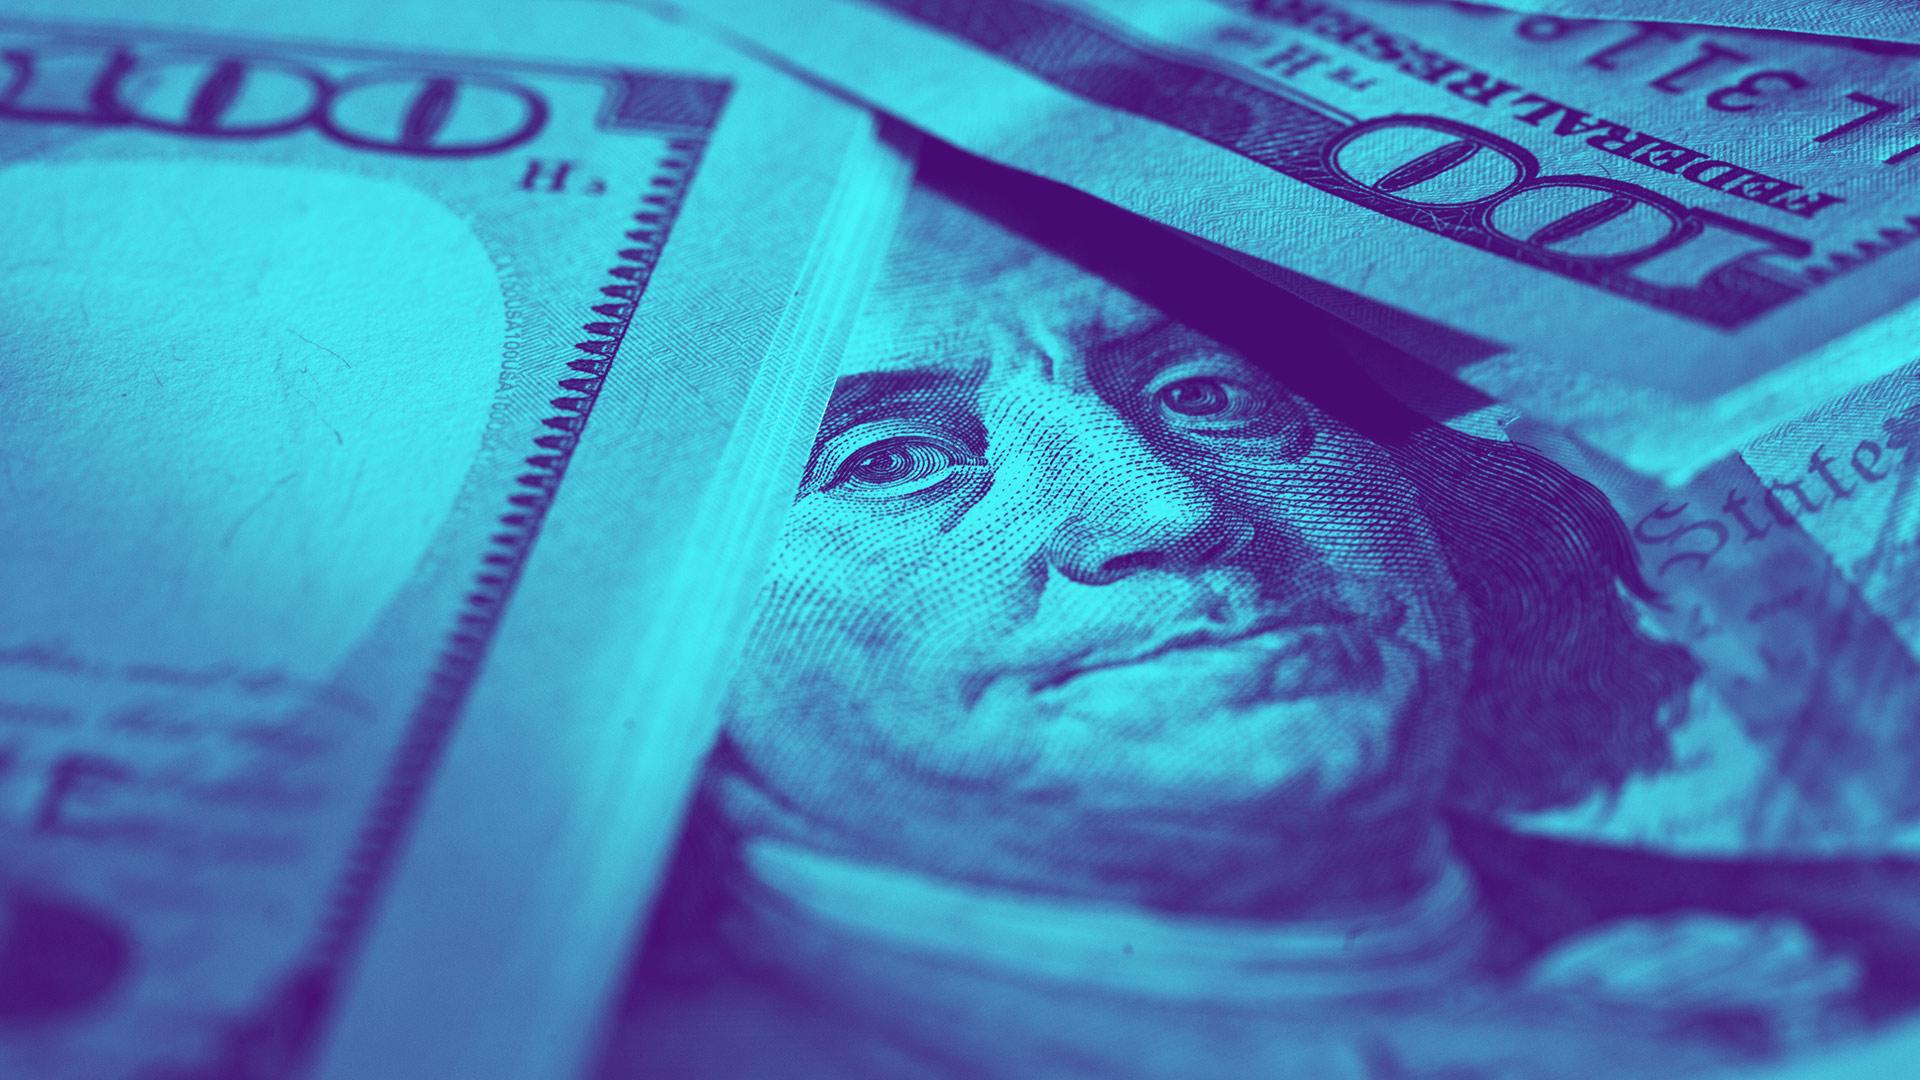 Celsius raises $400 million amid mounting regulatory pressure